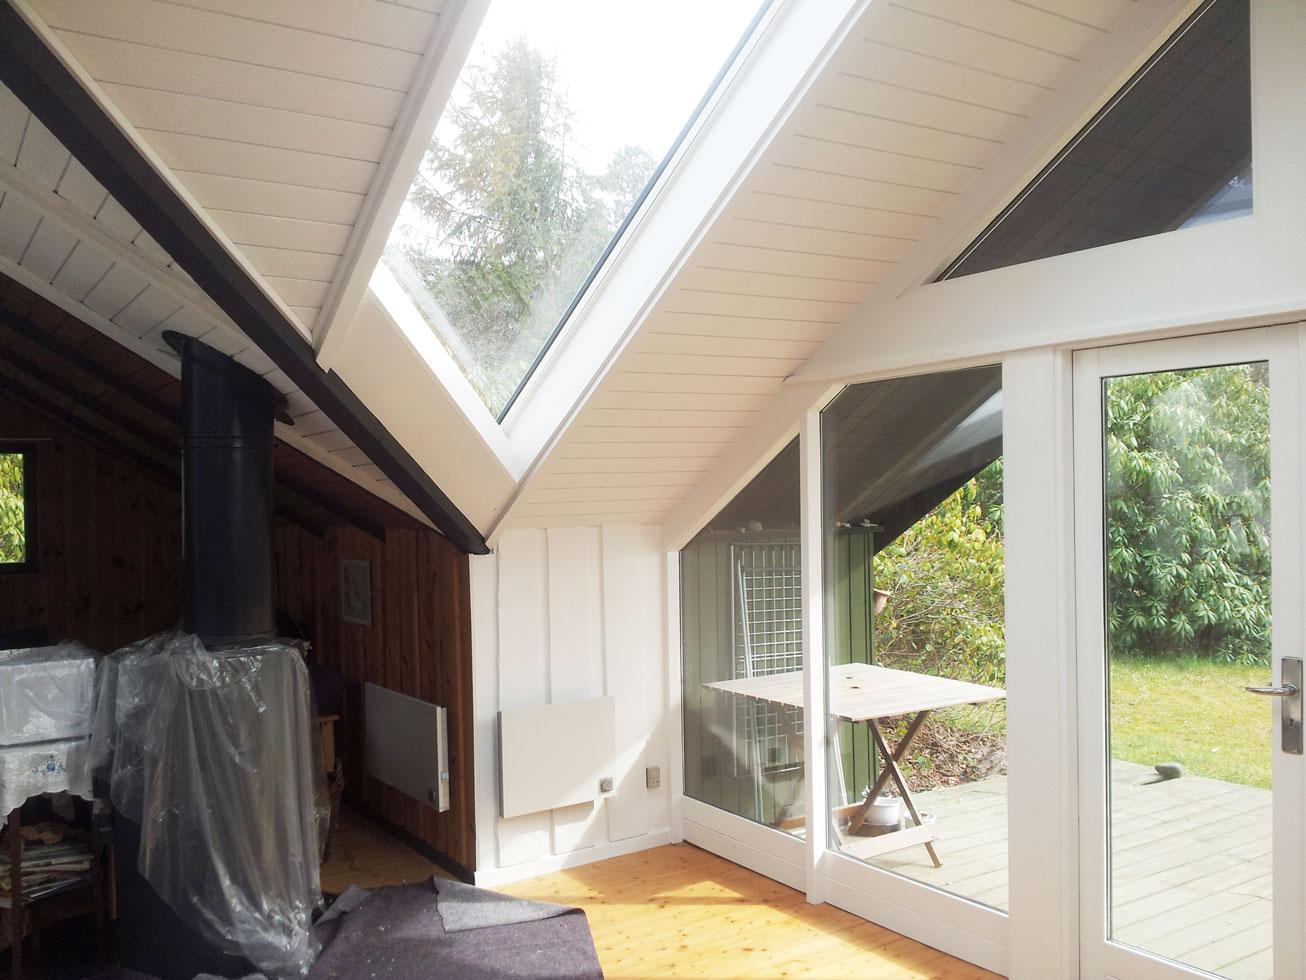 Sommerhus efter Malerfirmaet Rørvig har malet.